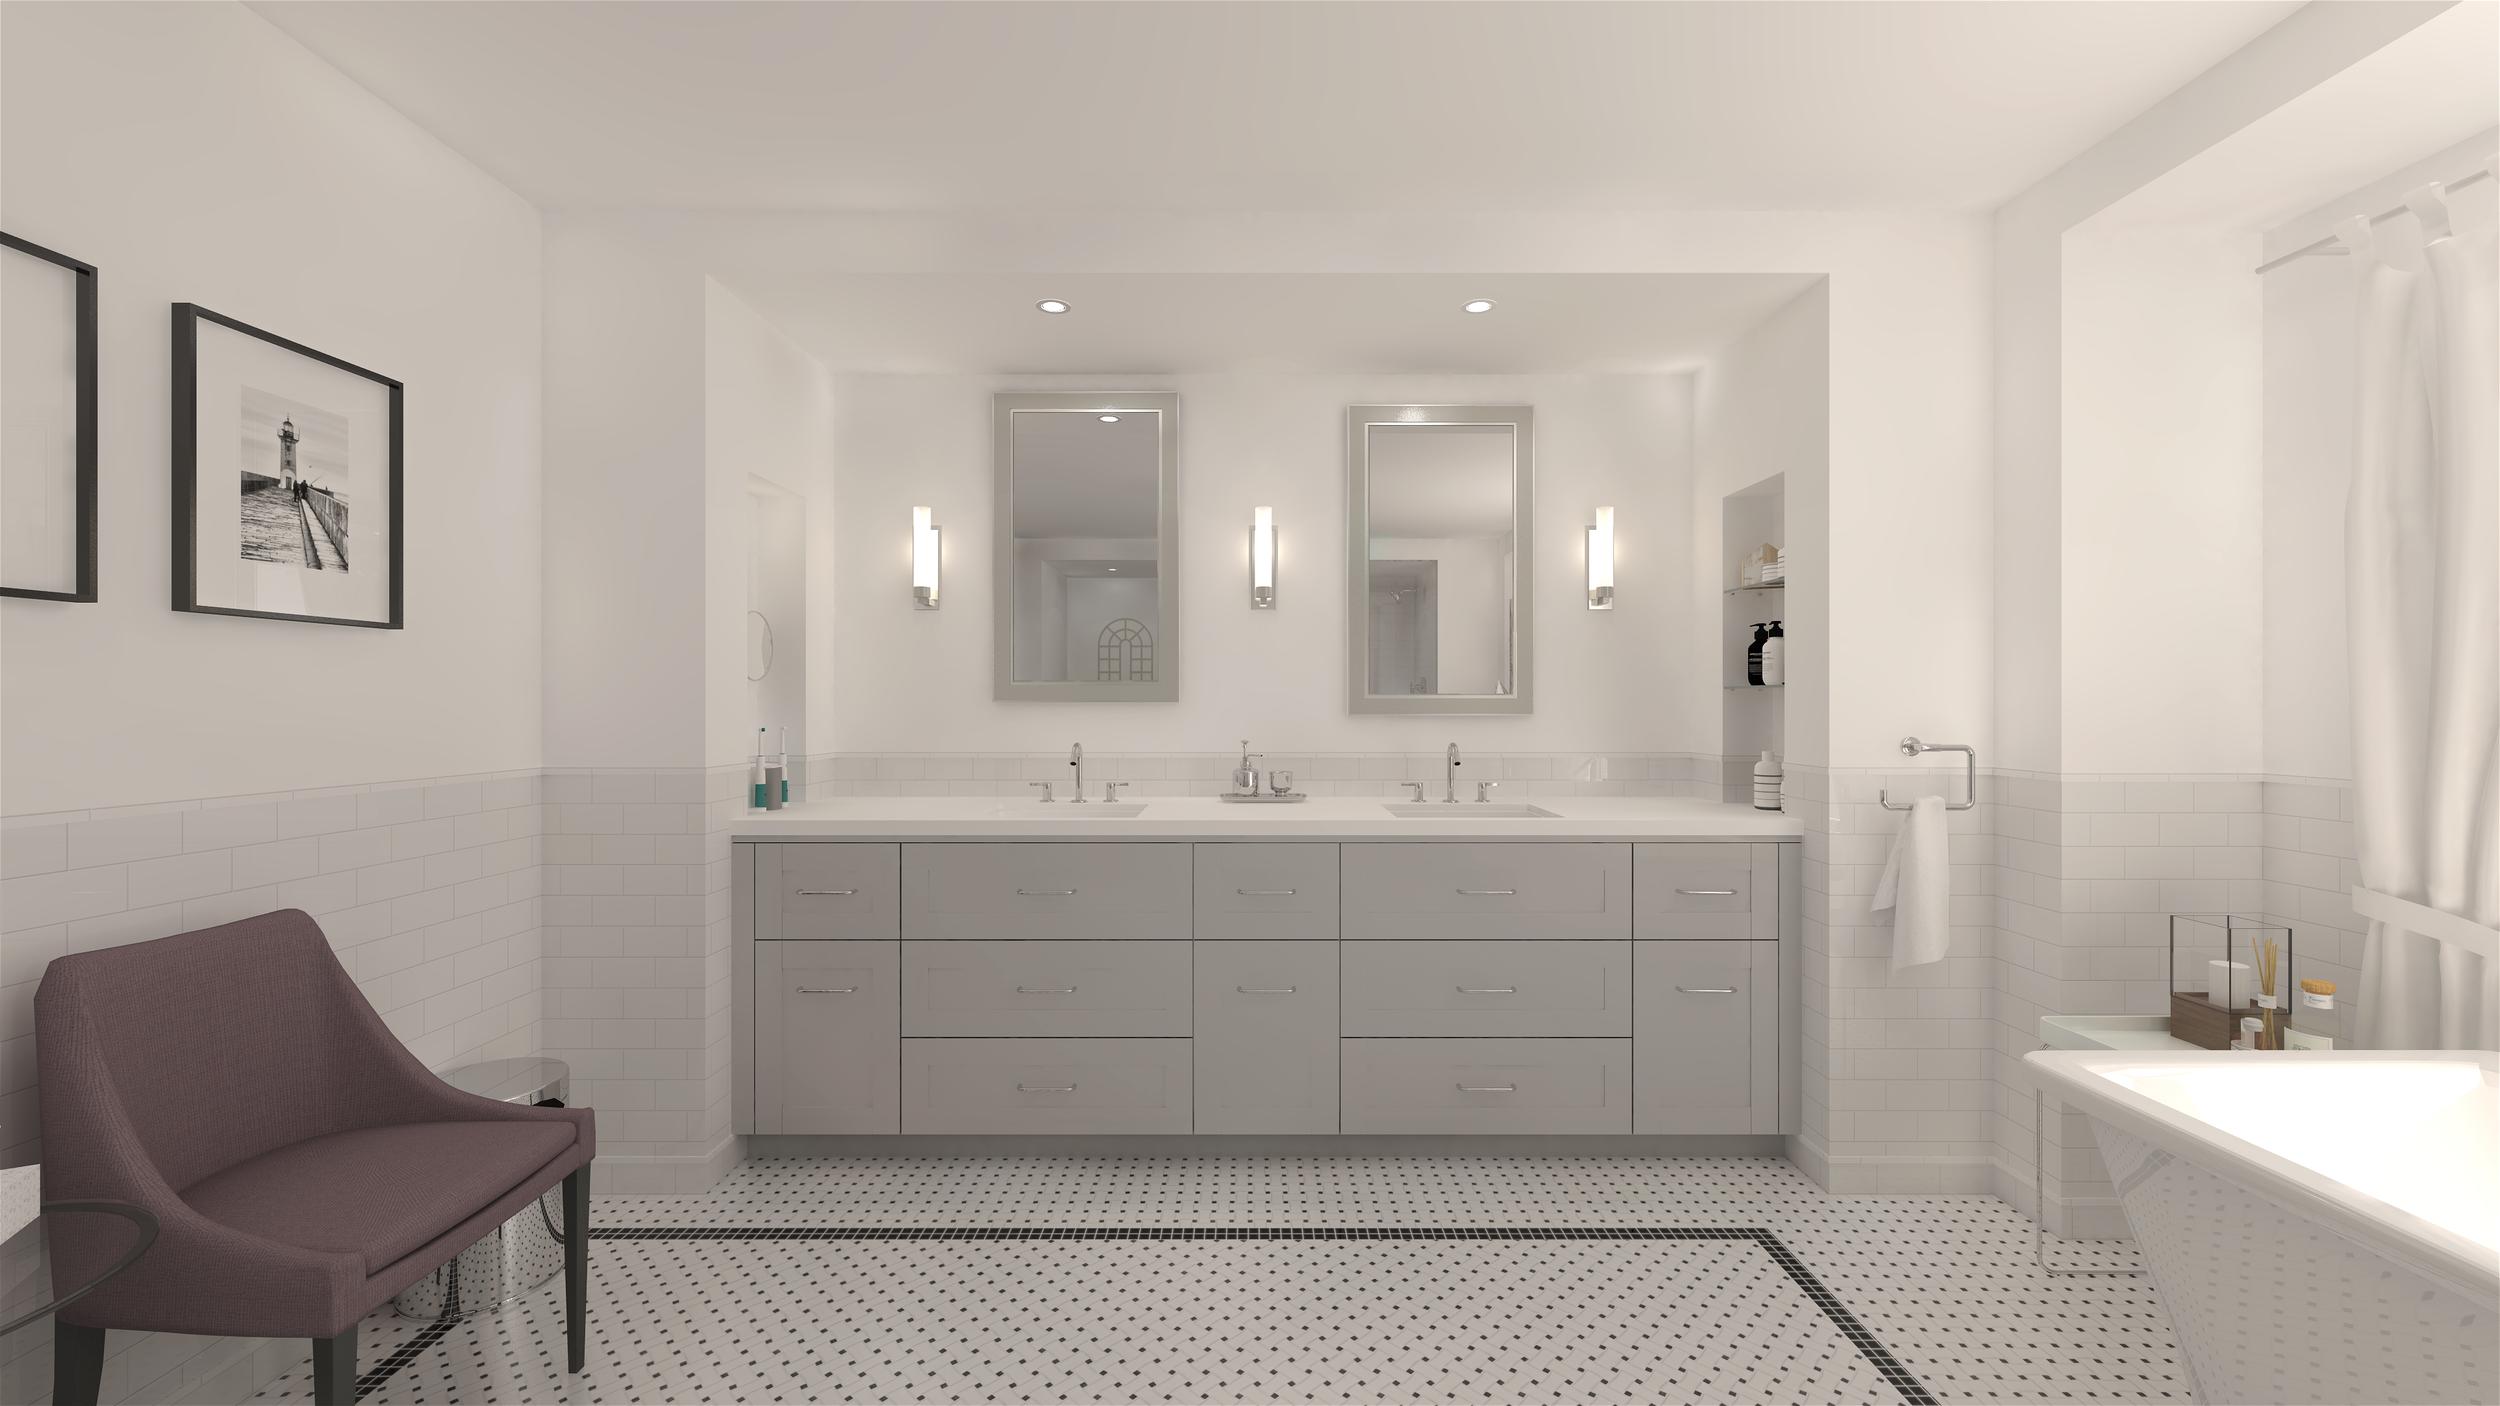 deSousaDESIGN_Bathroom_Classic_Ensuite_V1b_3840x2160.png